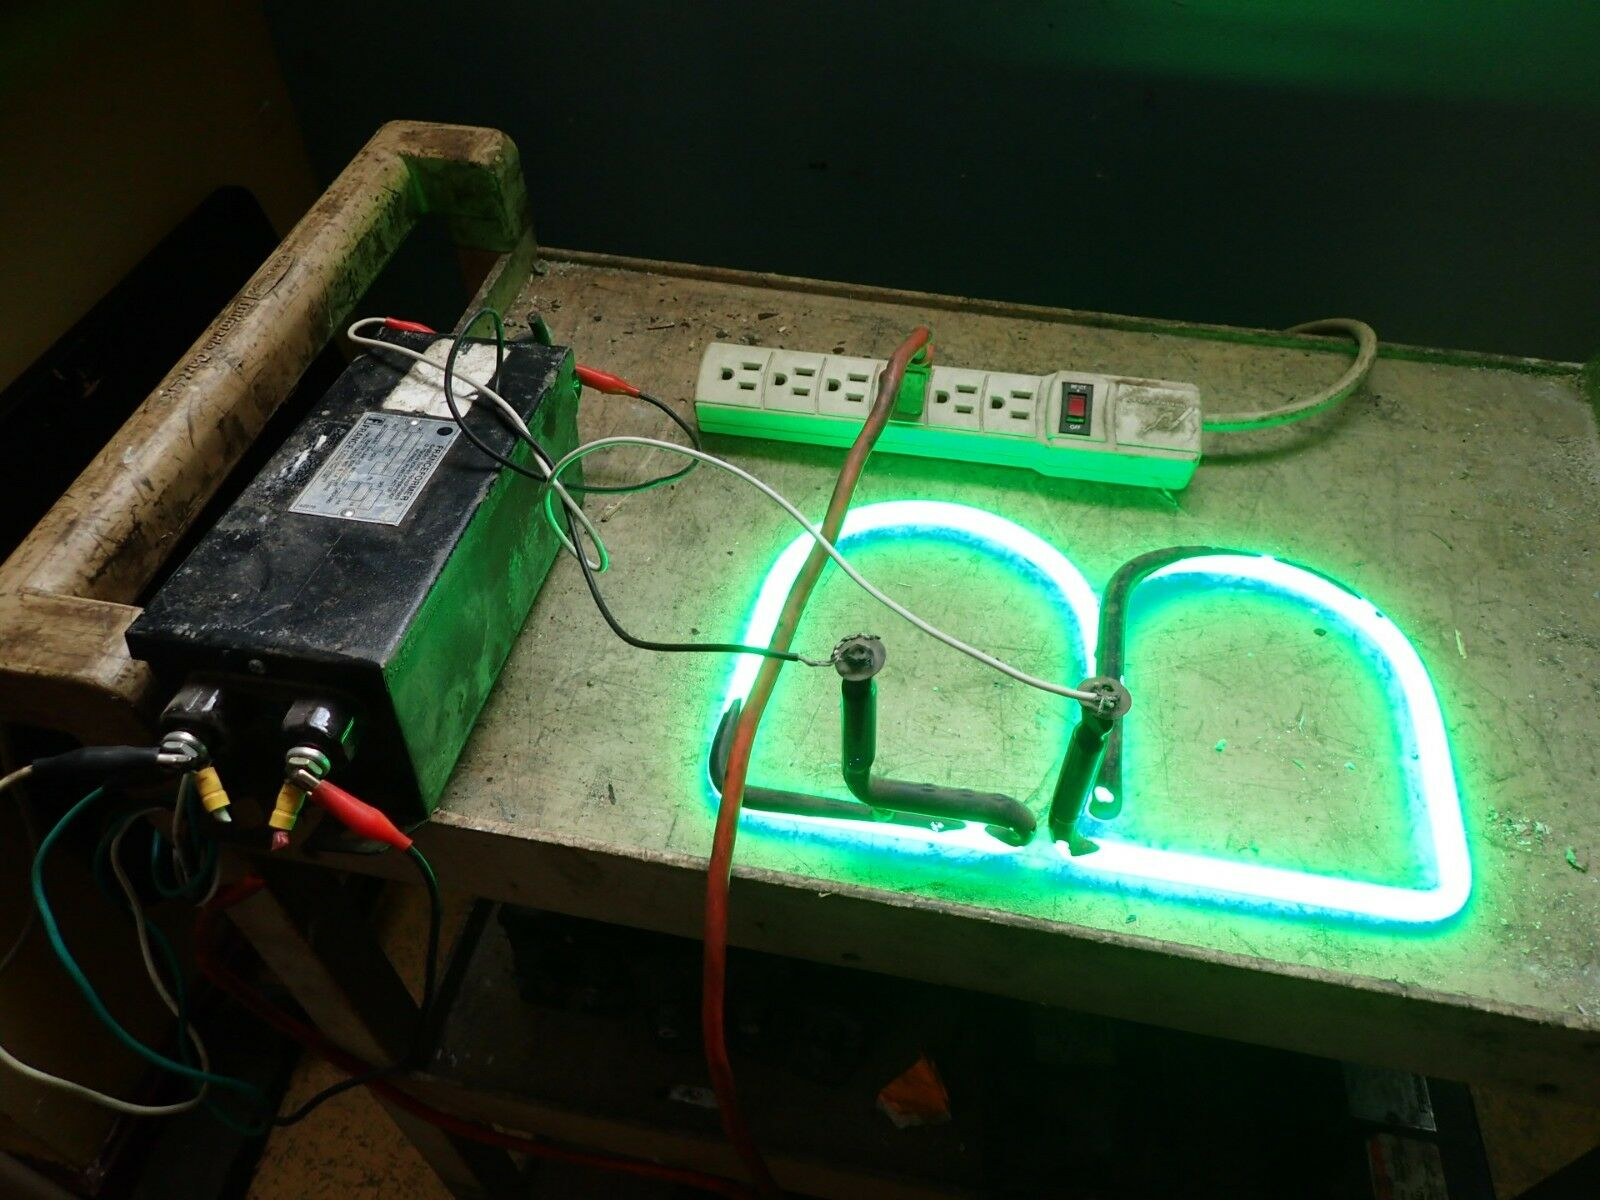 hight resolution of france franceformer 9030 p4 neon transformer 120v 270va x 9kv 9000 v 30ma